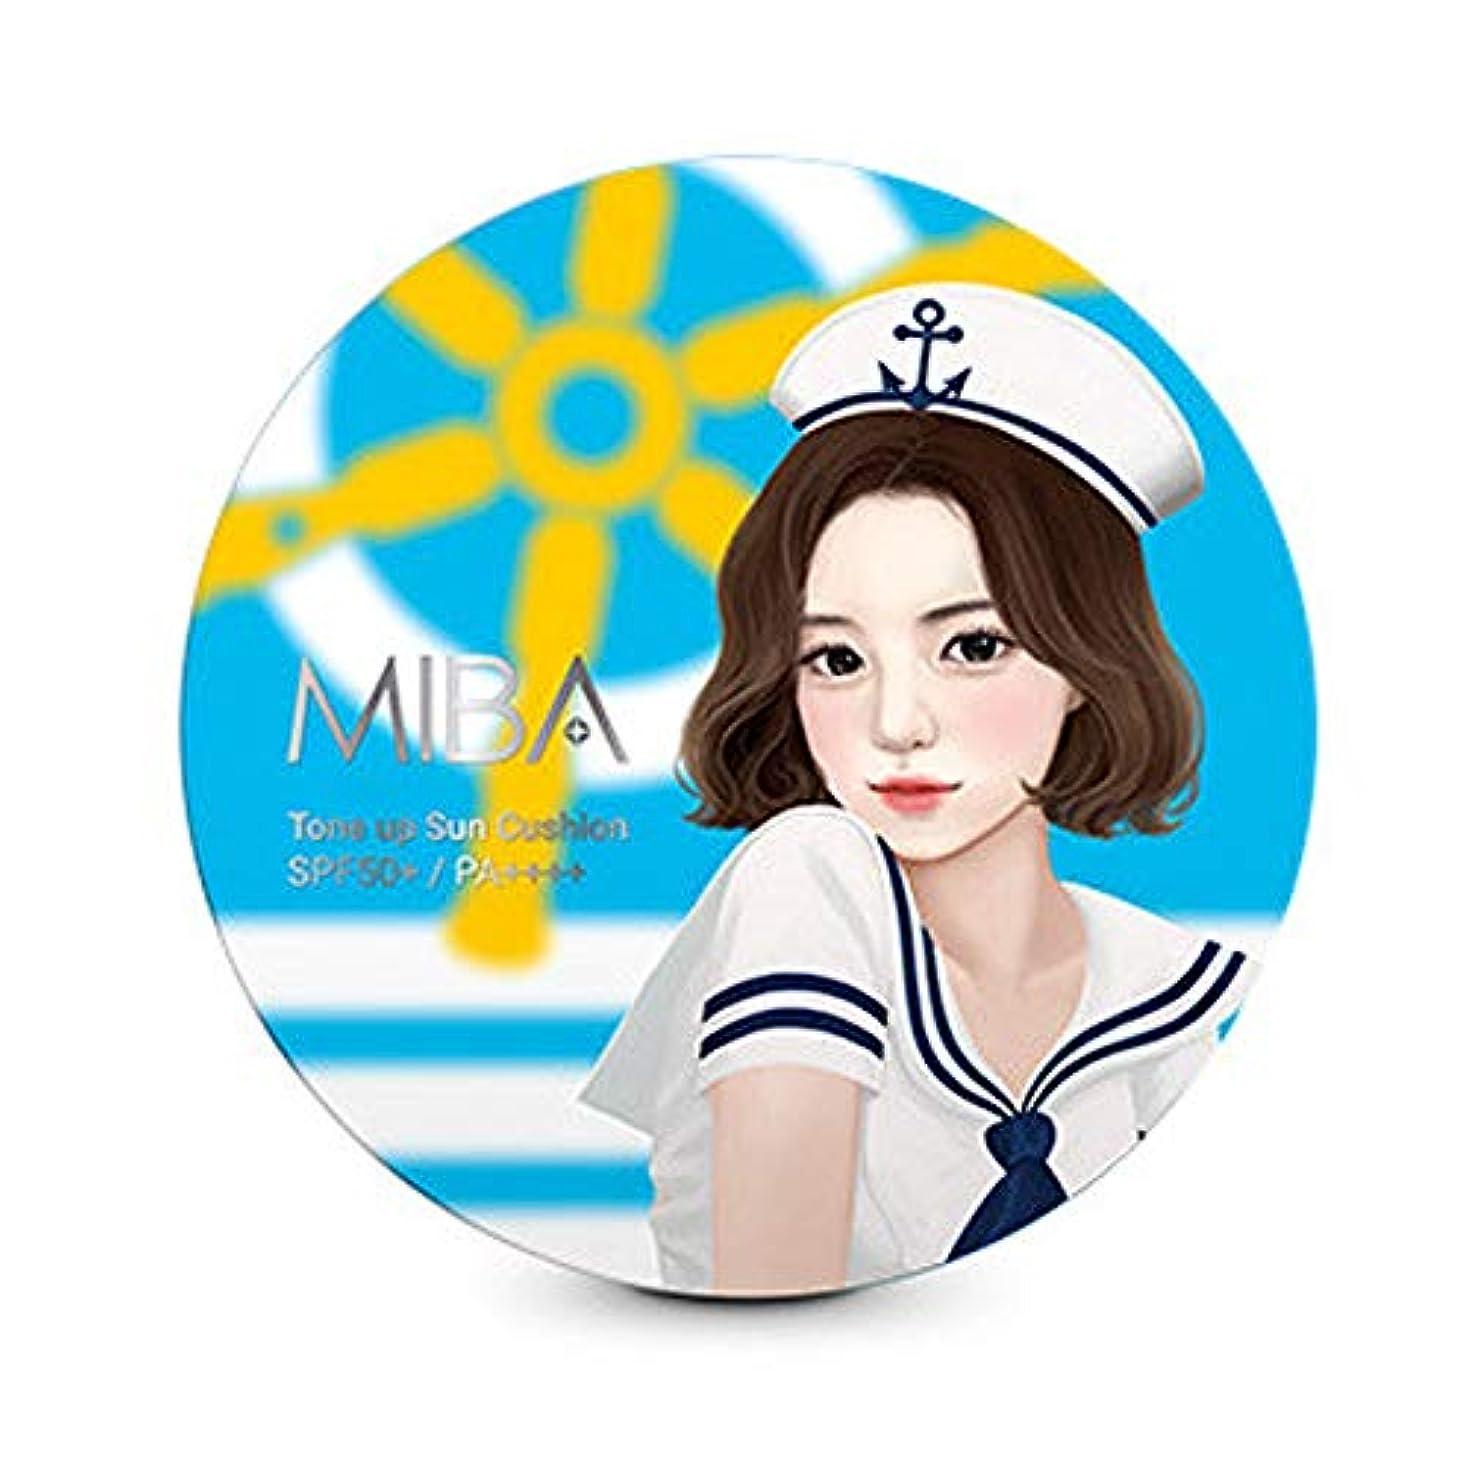 必要ないボア線形[MIBA] ミバ カラミントーンアップクッション 24g クッションタイプの日焼け止め SPF50+ PA++++ Korea cosmetic(torn up cushion 24g)